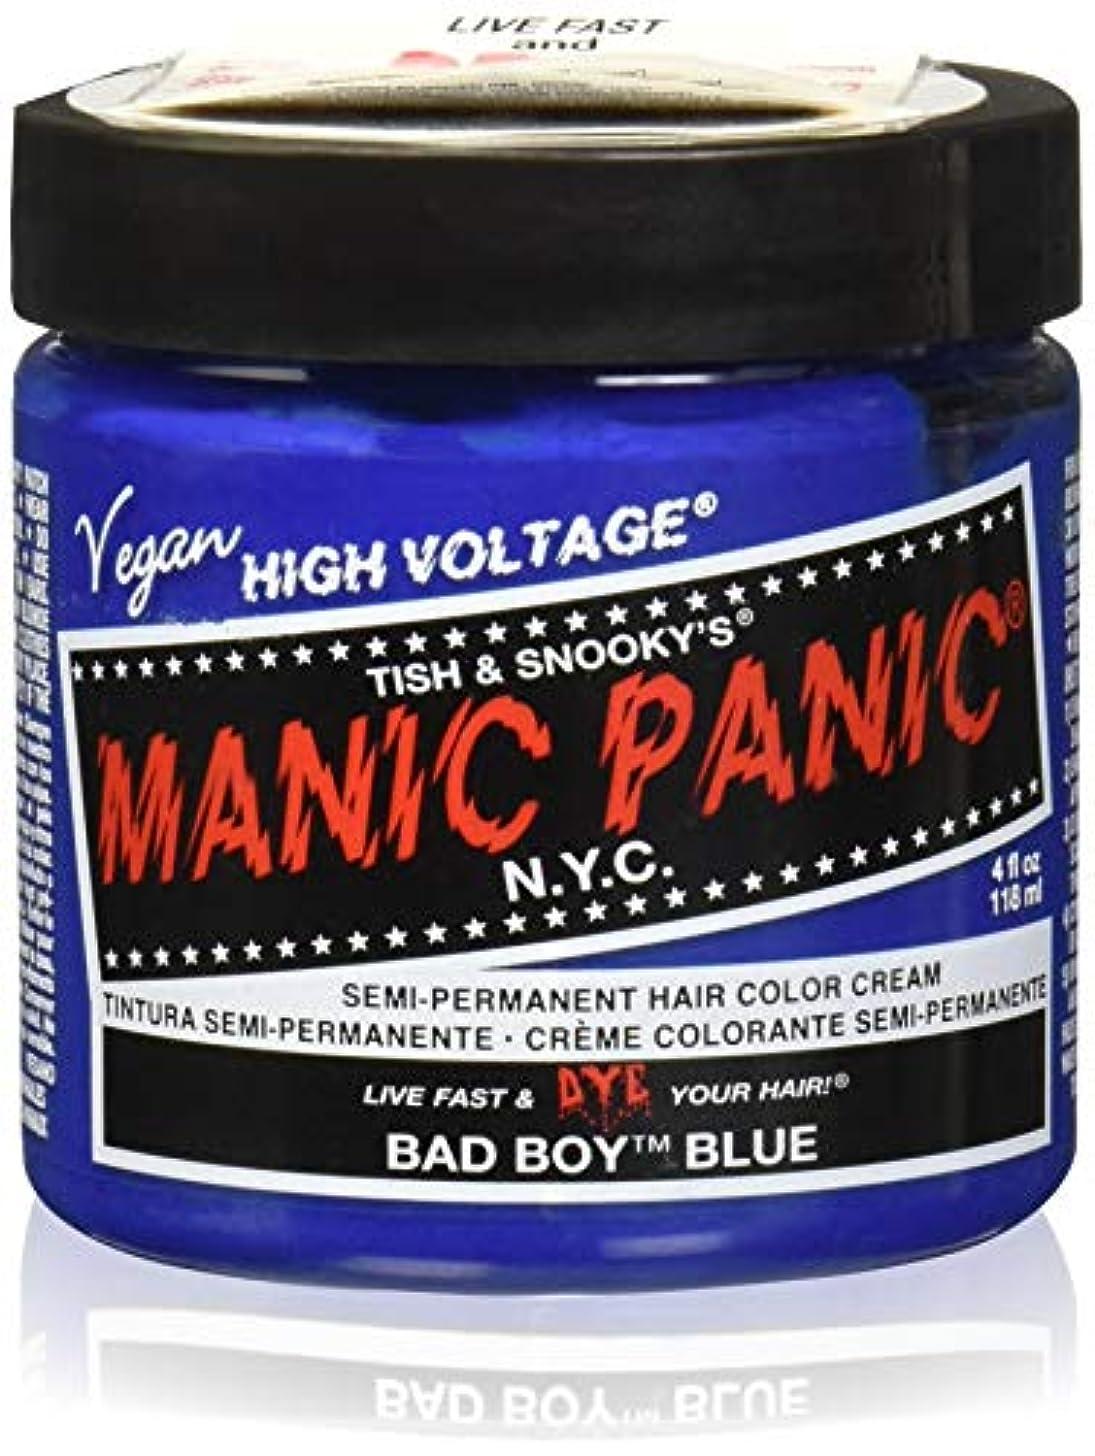 撤回するまあ現代マニックパニック カラークリーム バットボーイブルー